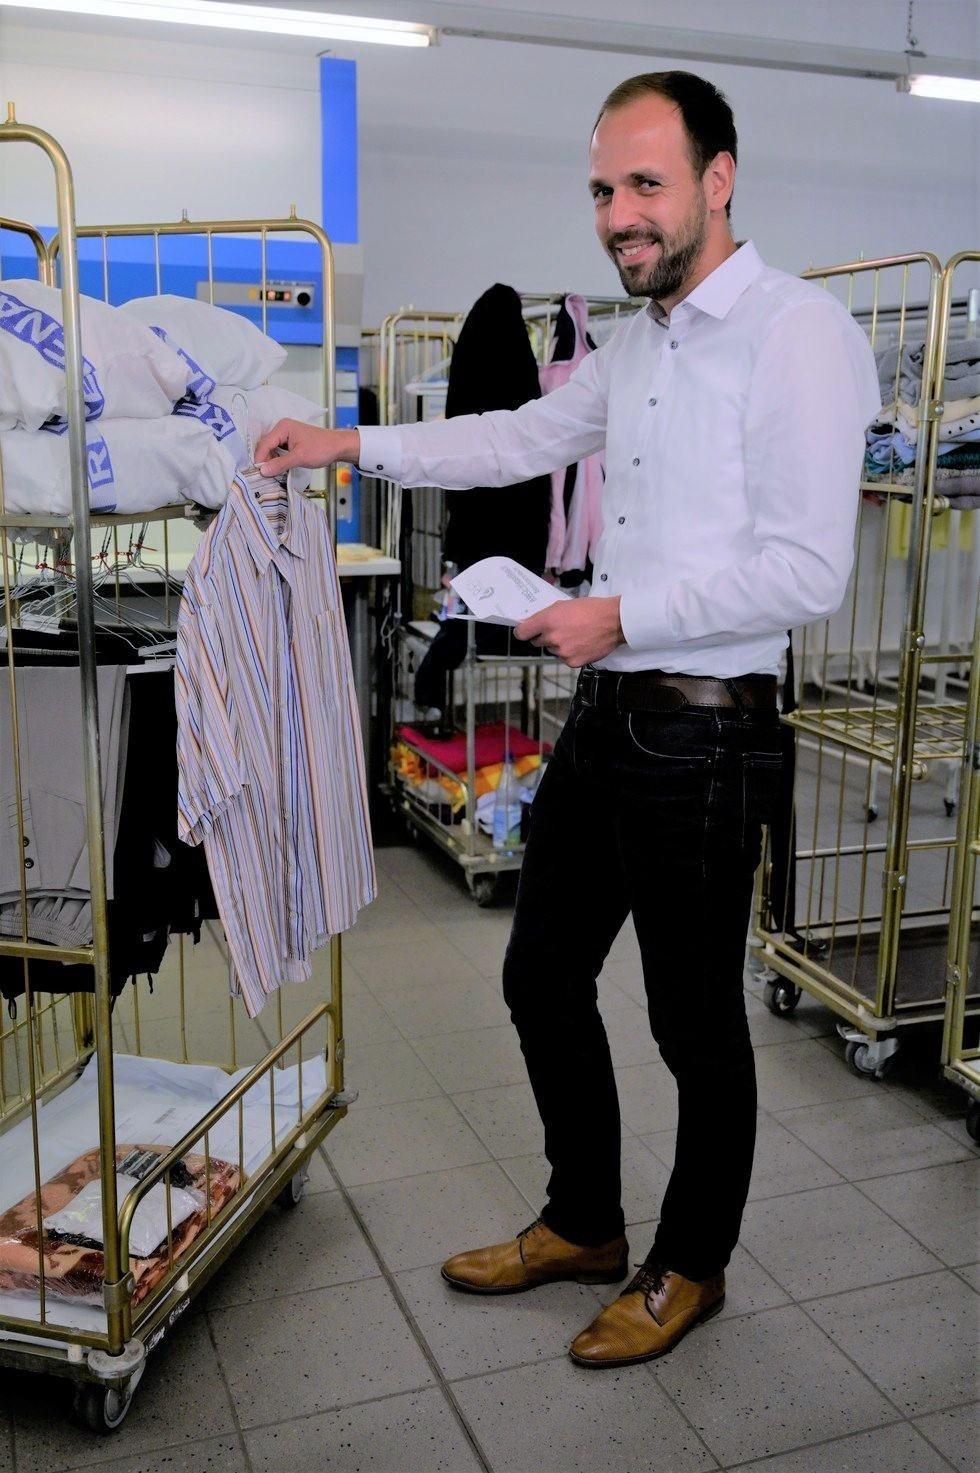 Herr Kellner Betriebsleiter Rena Textilpflege